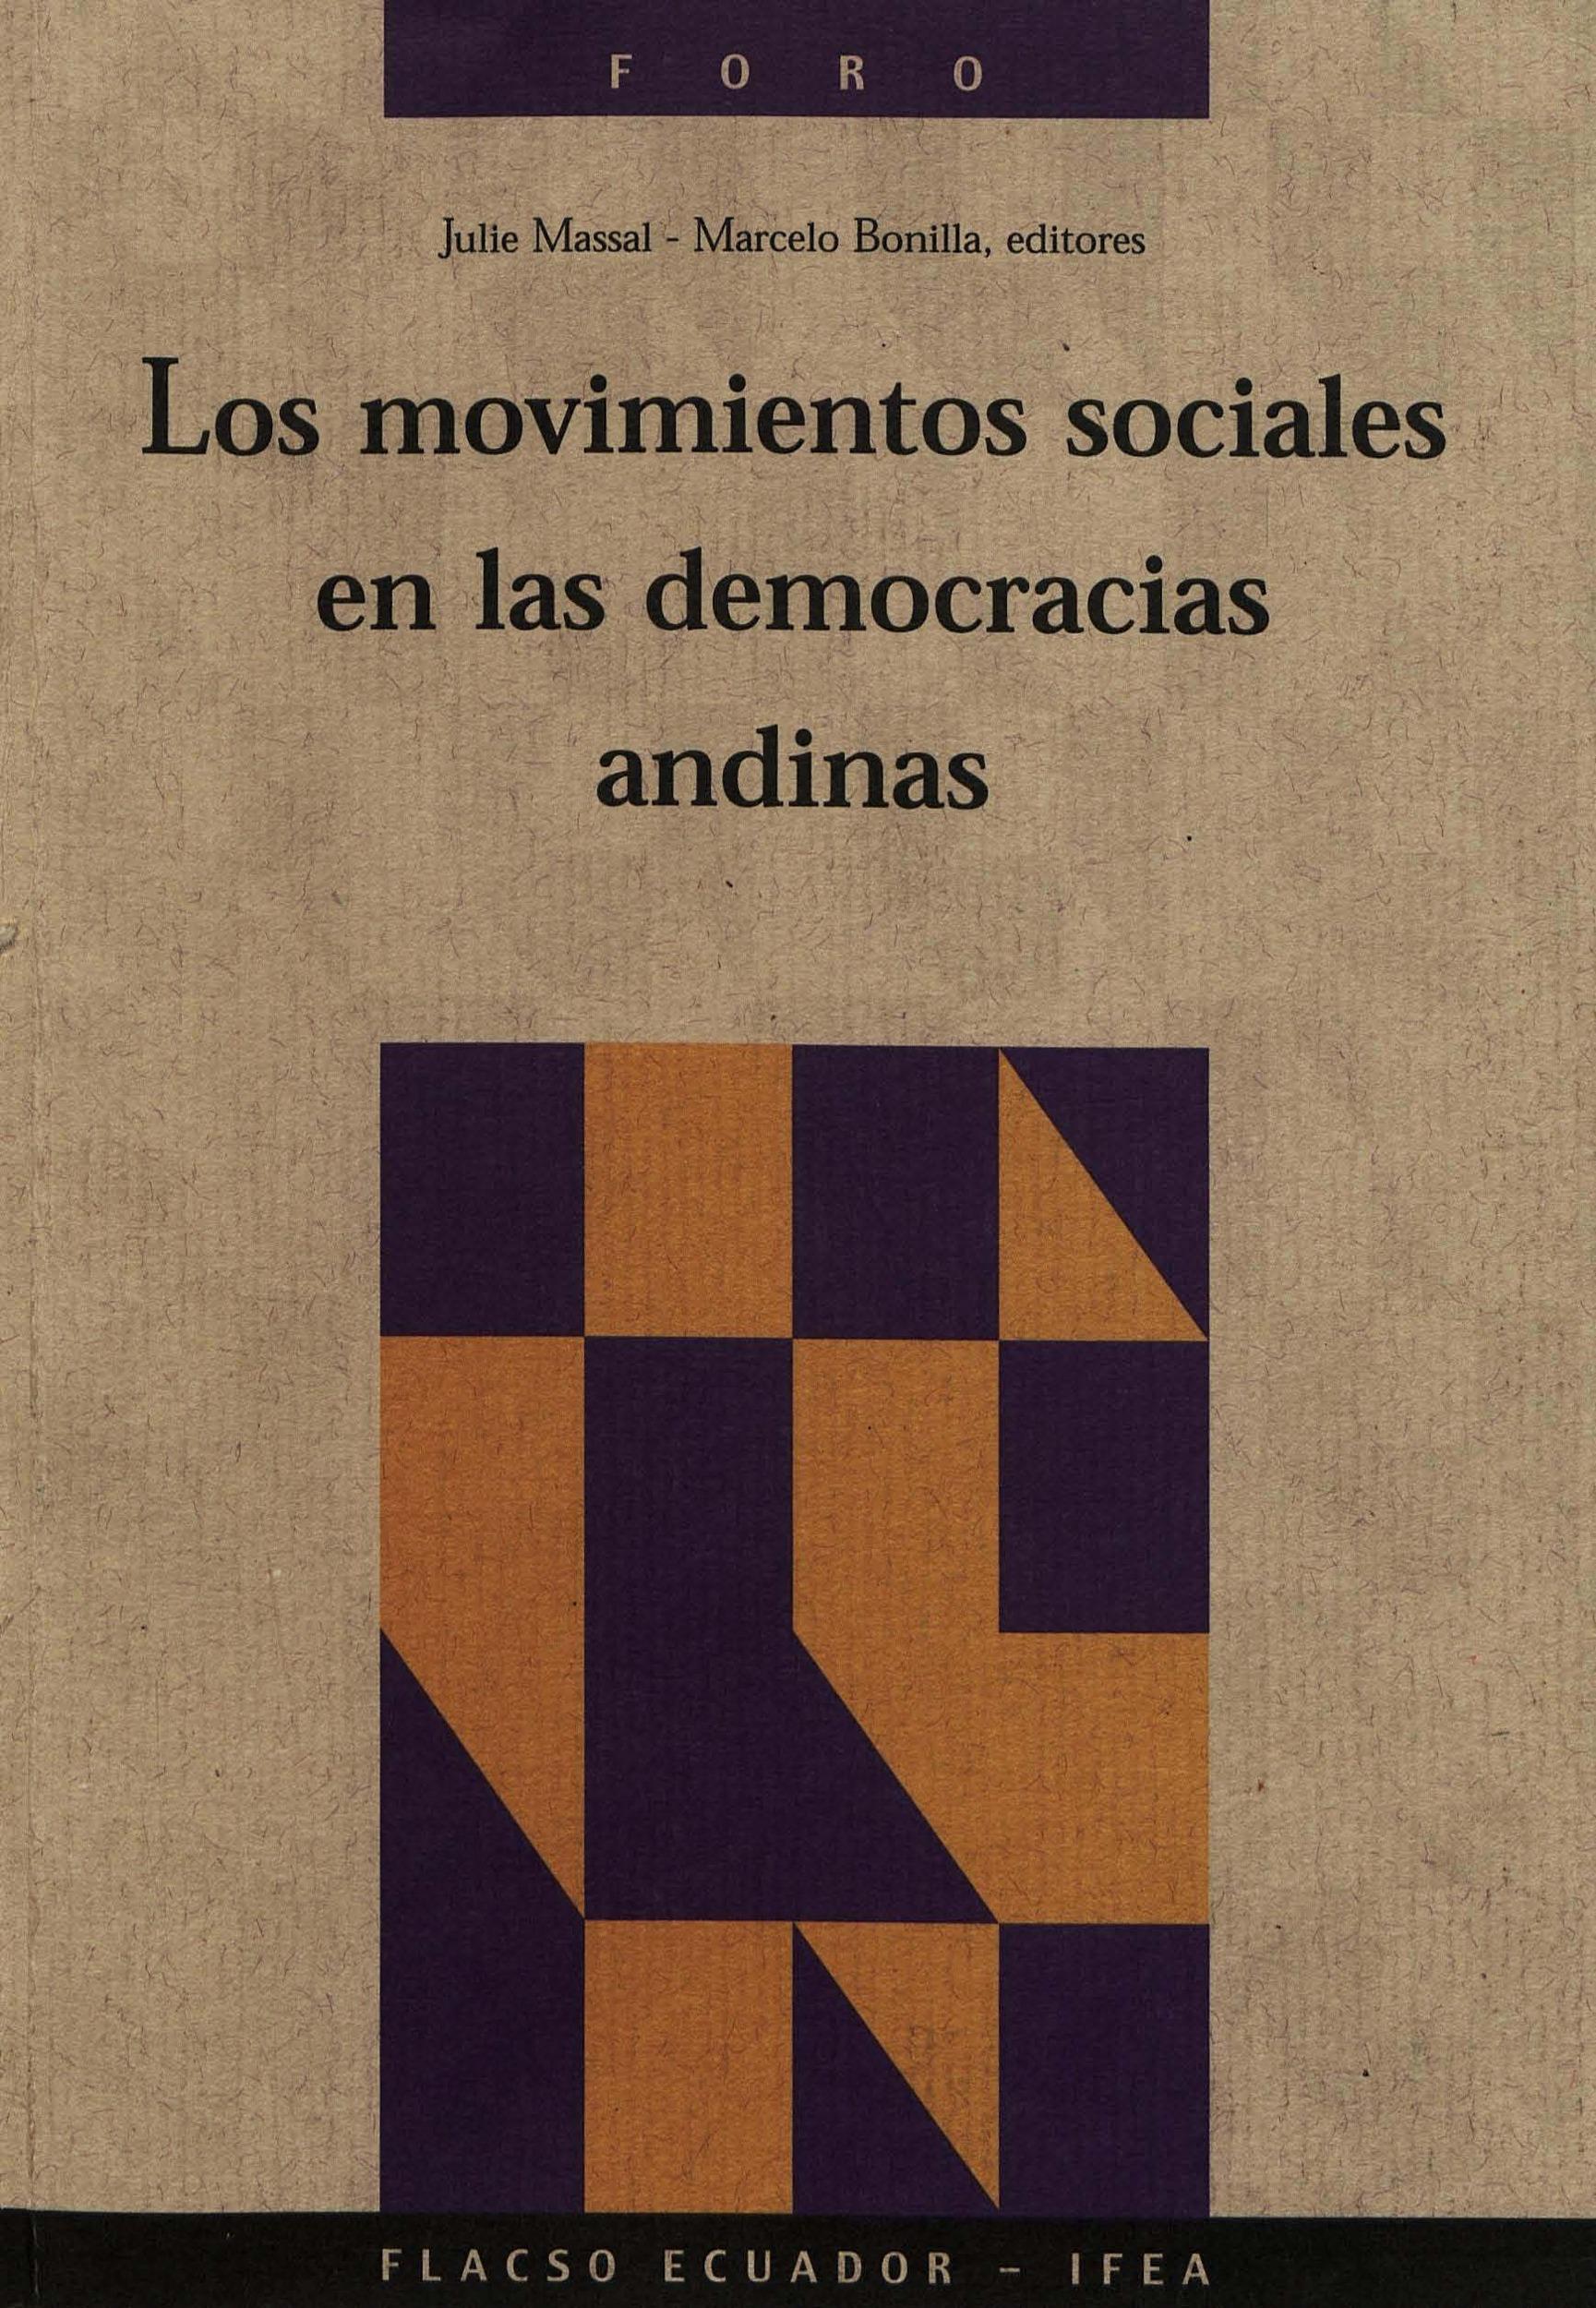 Los movimientos sociales en las democracias andinas